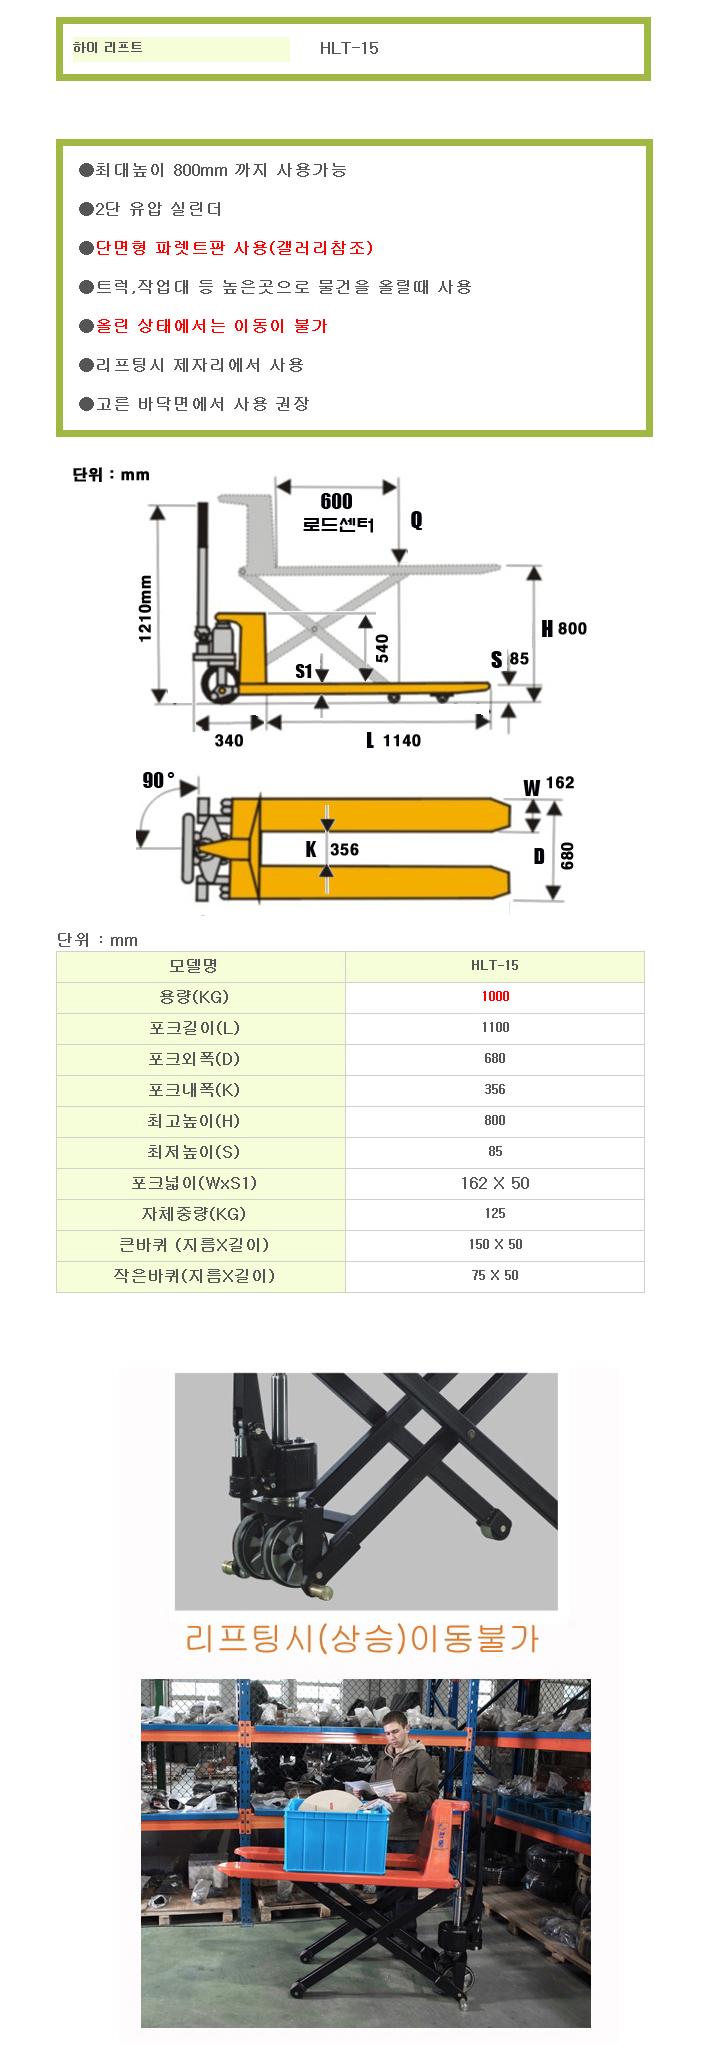 (주)쌍용리프트 하이 핸드파렛트럭 HLT-15